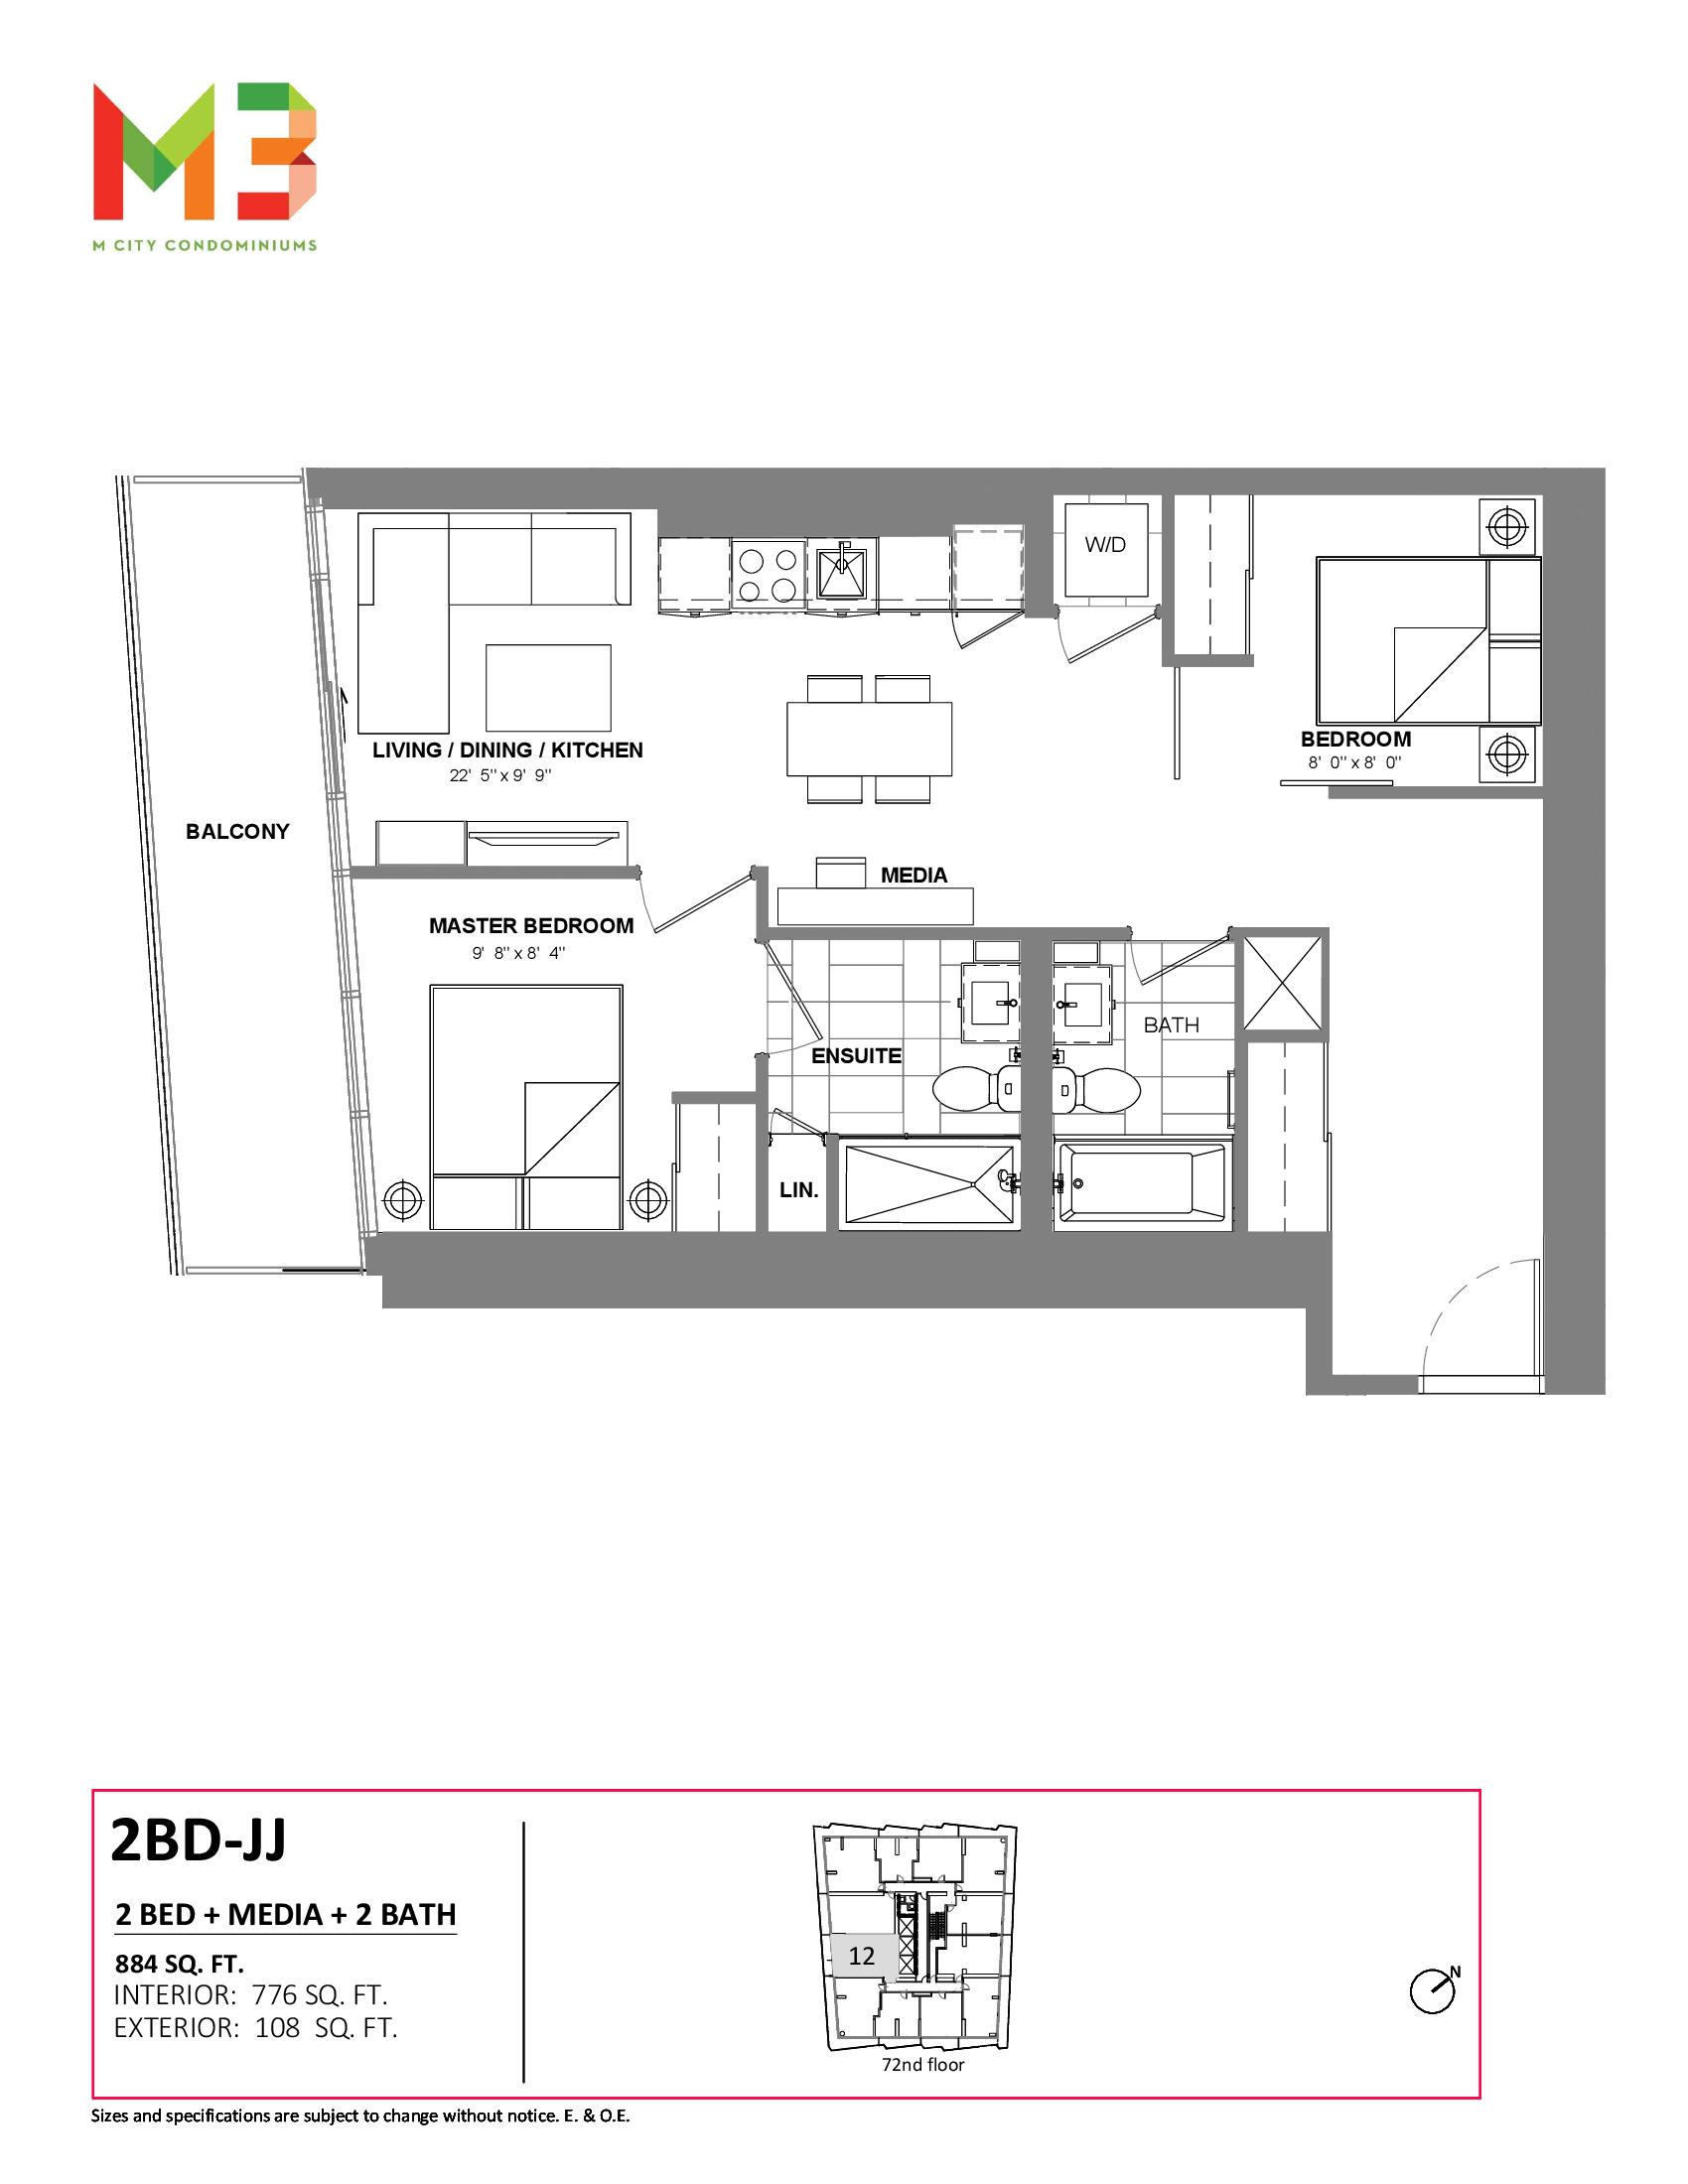 2BD-JJ Floor Plan at M3 Condos - 776 sq.ft